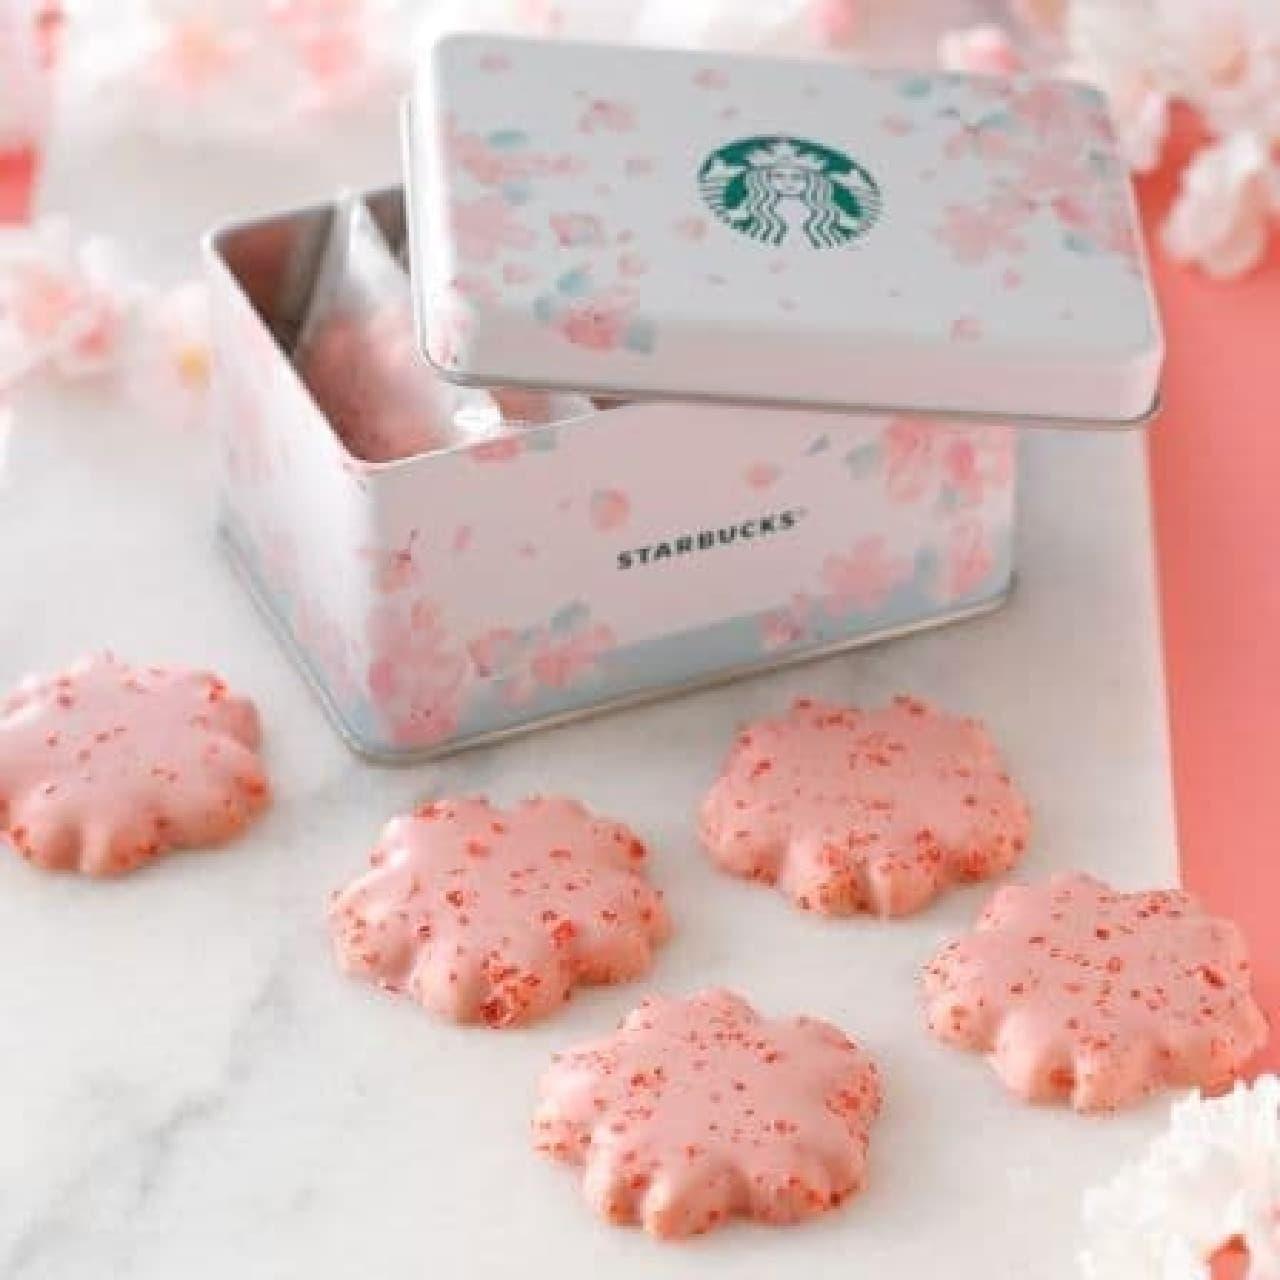 スターバックス「さくら&ベリー チョコレートクッキー」